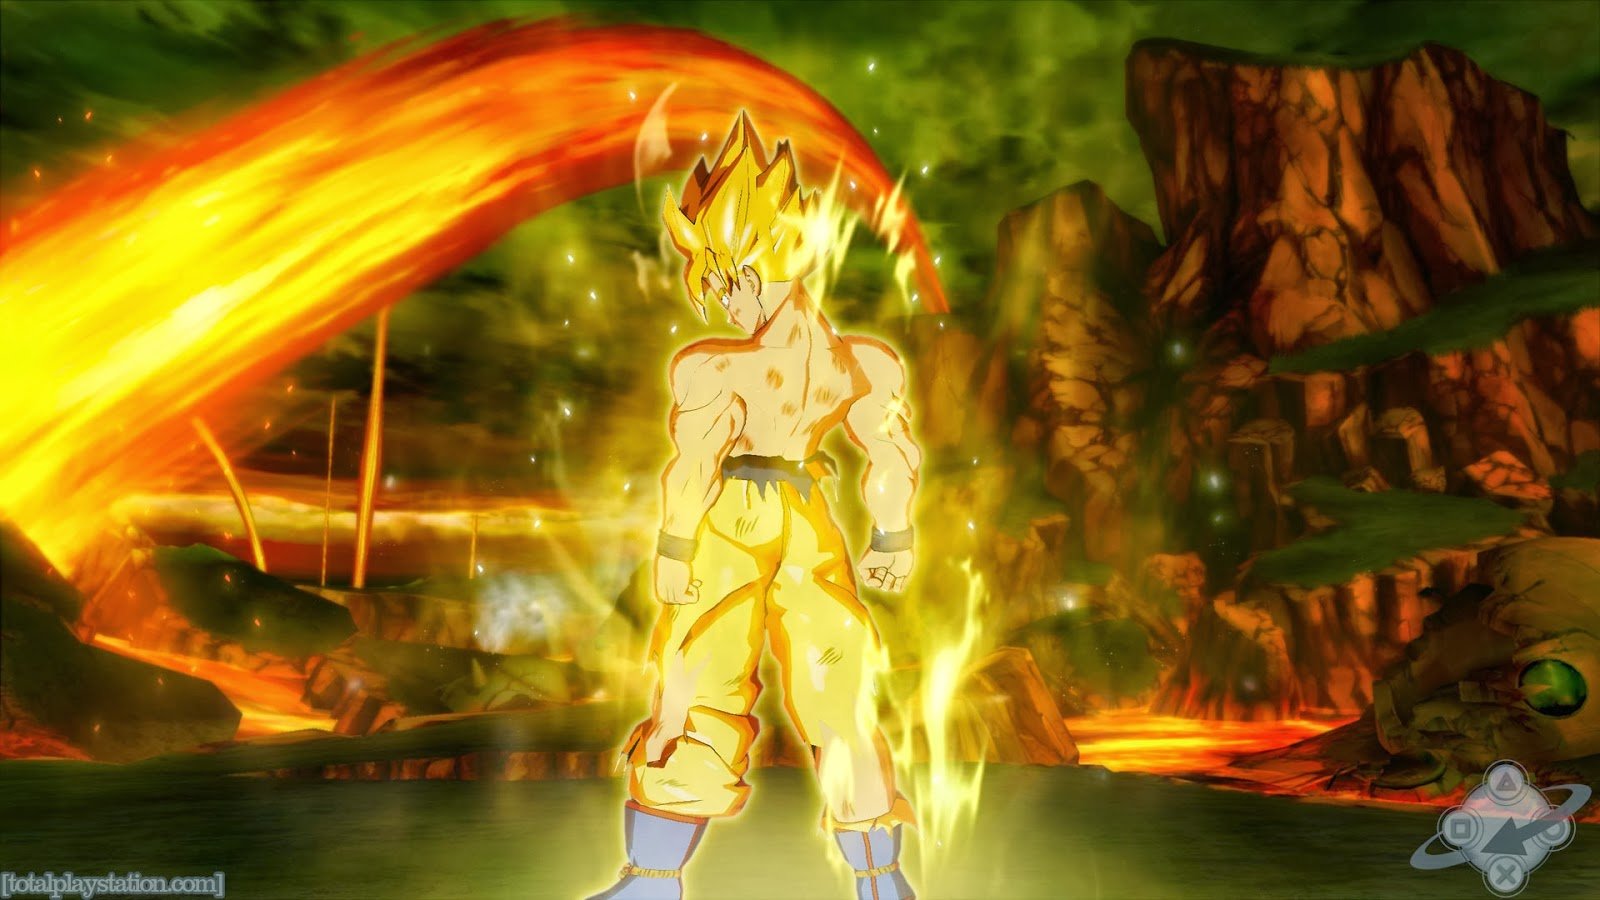 Hình nền Dragon Ball, Songoku full HD cho máy tính